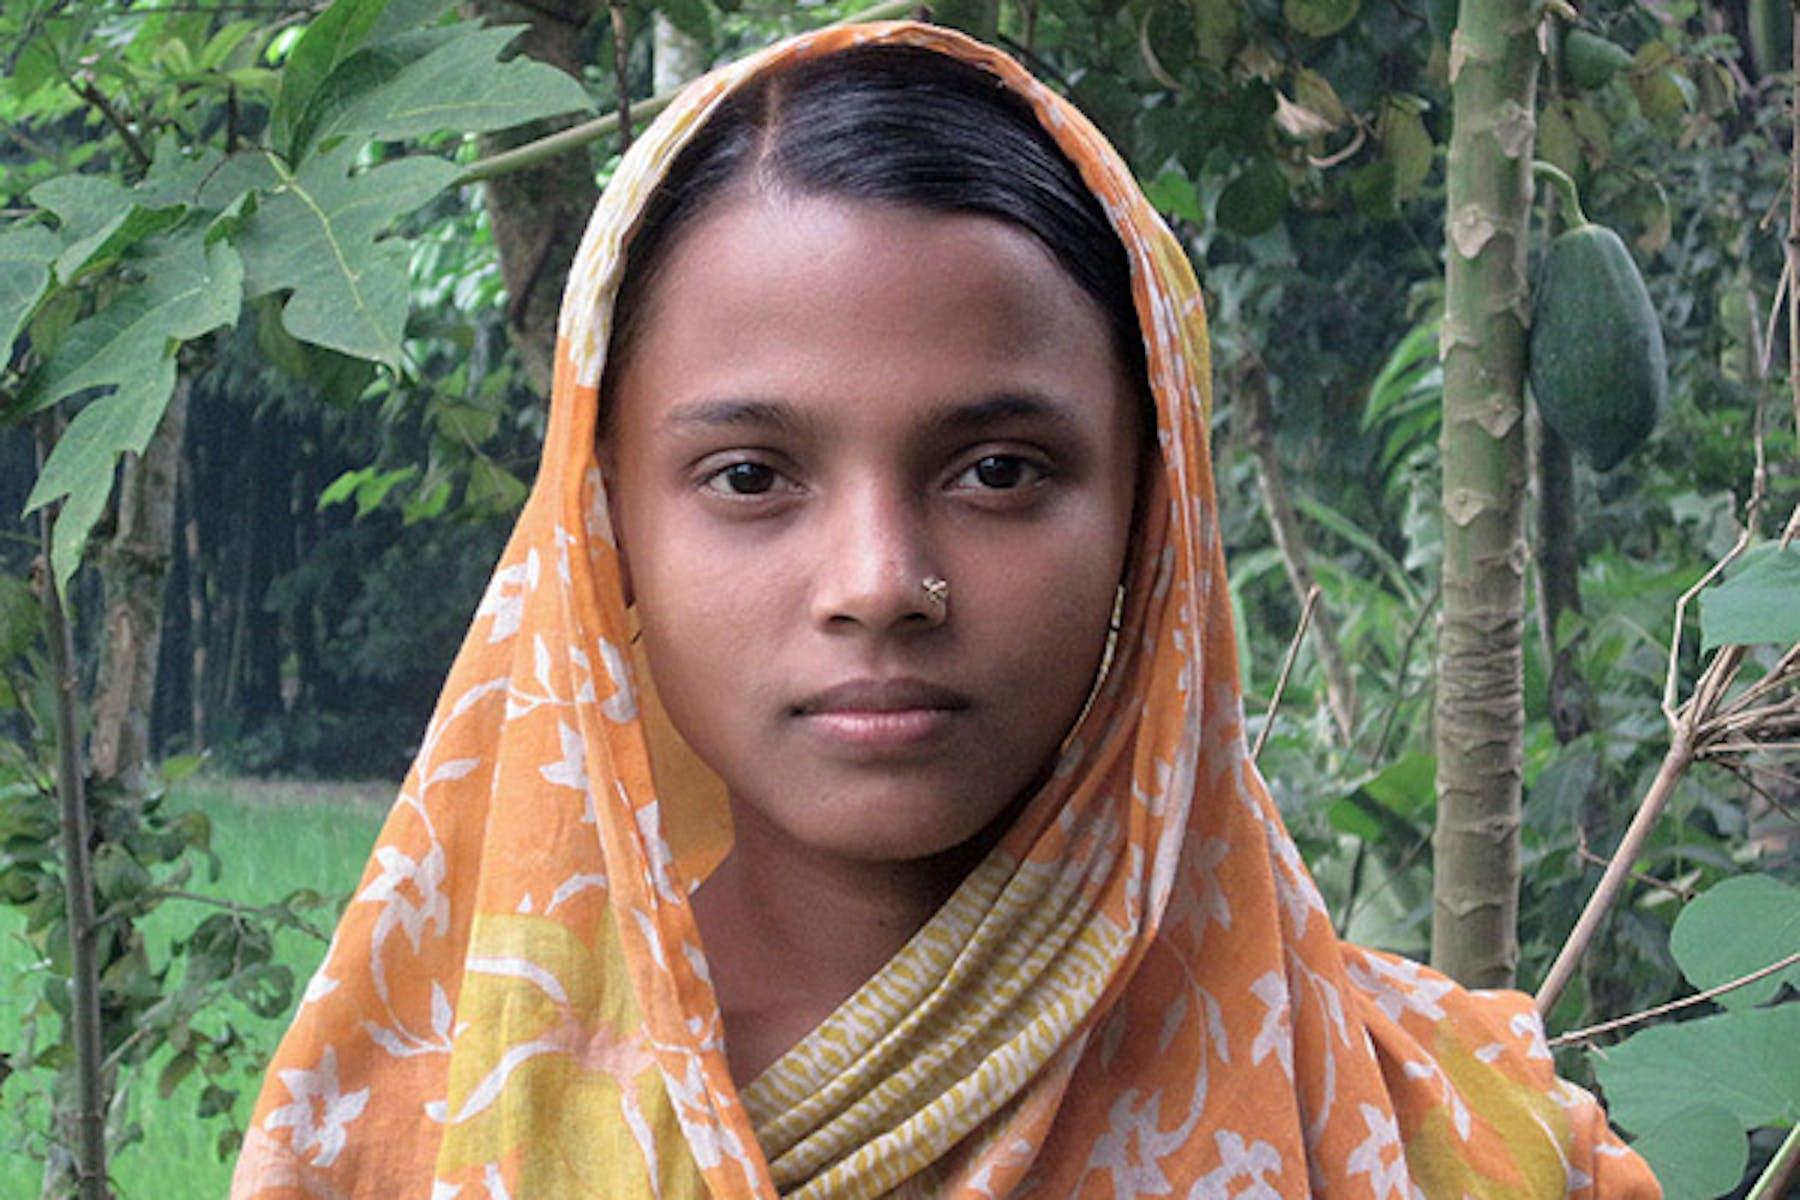 Rima Begum, 14 anni. Sposa da quando ne aveva 12, è stata malmenata dal marito e rispedita a casa dei suoi. L'uomo spera così di ottenere un'integrazione della dote - ©UNICEF/NYHQ2009-2316/Sheba